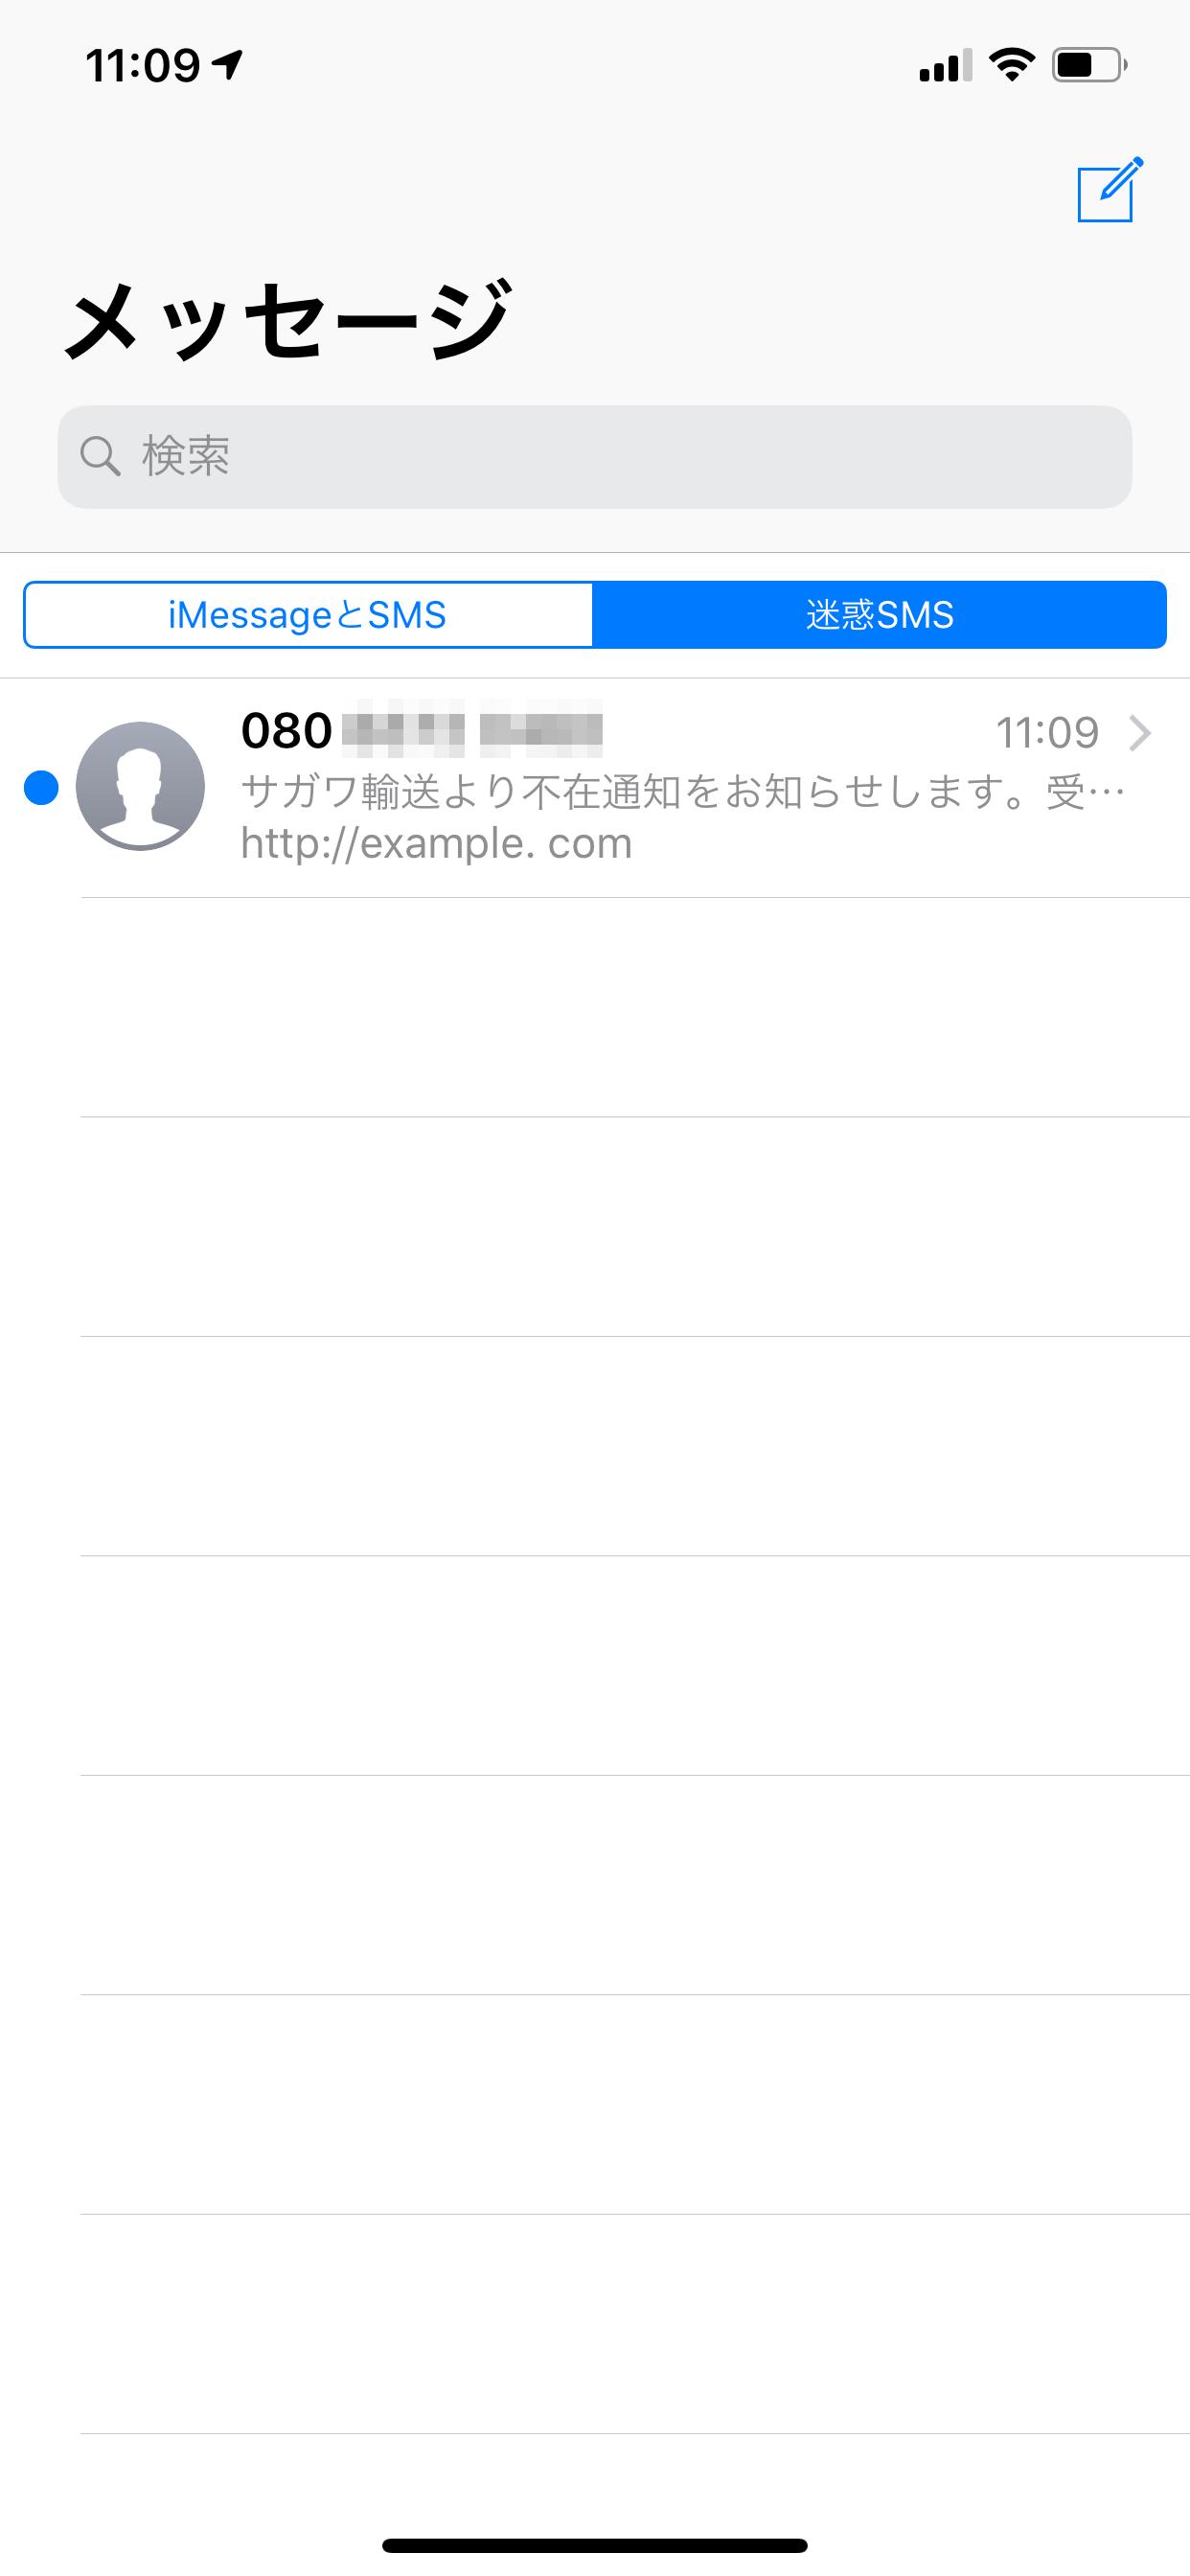 「迷惑SMS」というタブが現れます。画面は筆者が作成しました